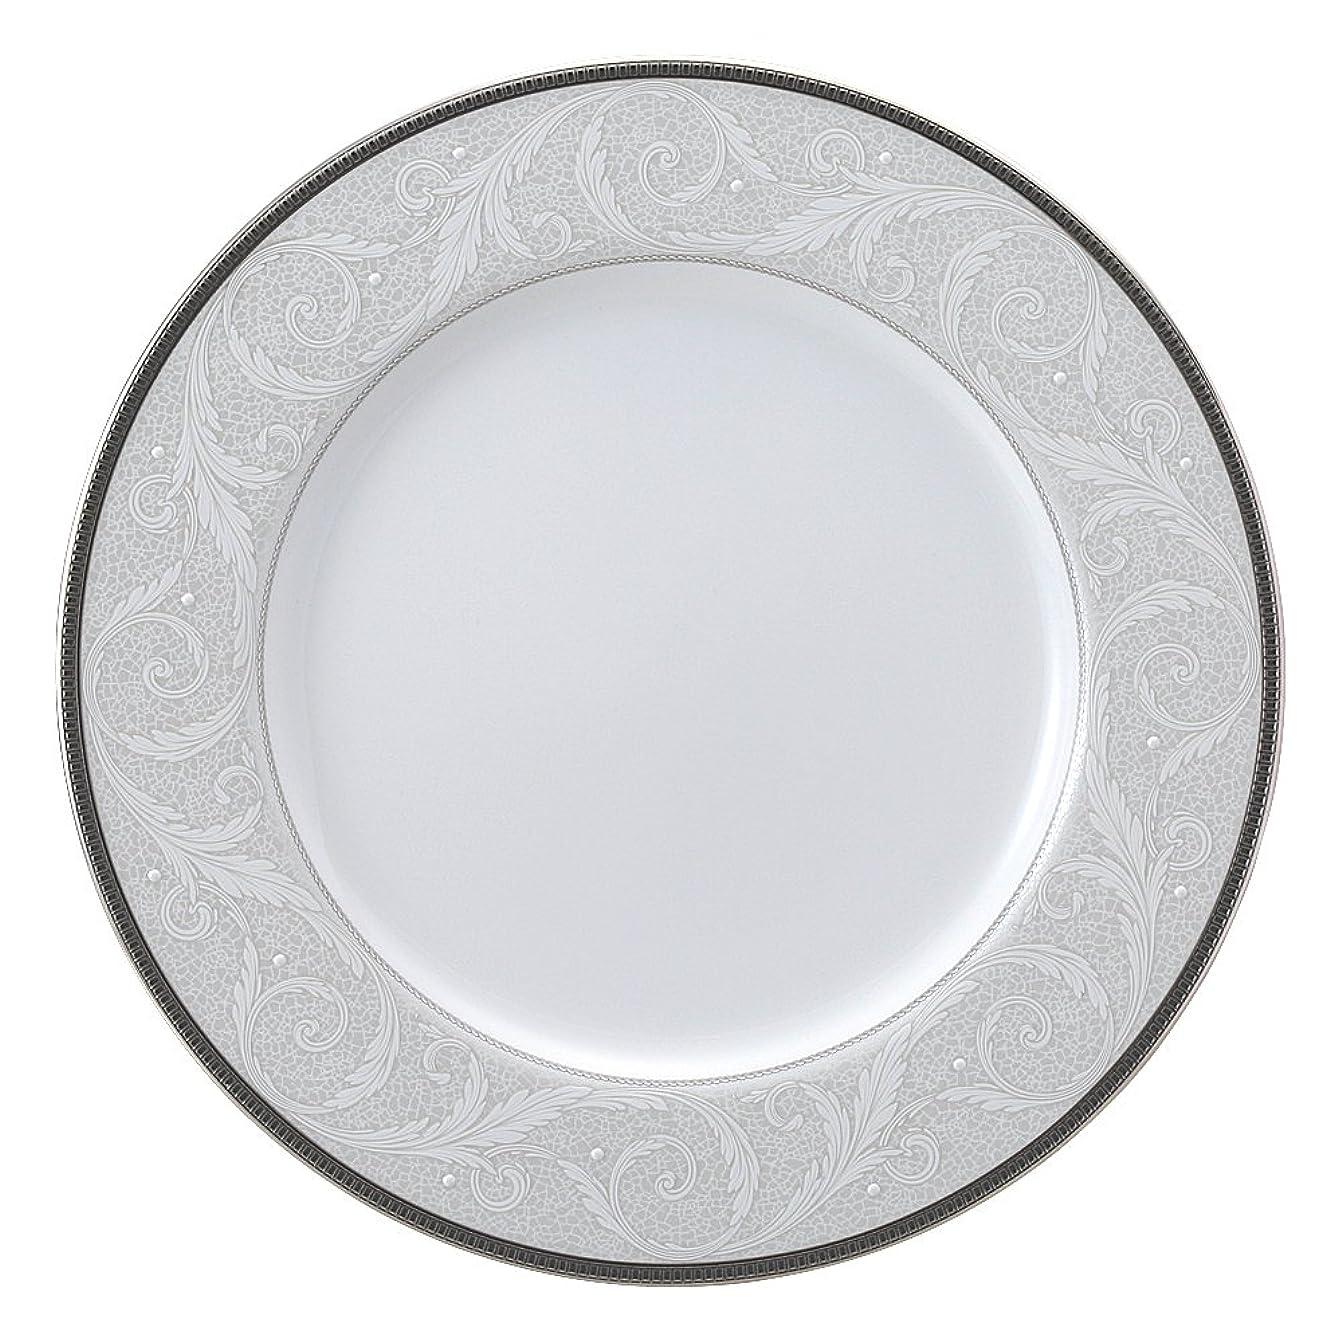 予測する地下室残忍なNARUMI(ナルミ) プレート 皿 白盛りリーフ シルバー 23cm ミート 50685-1269